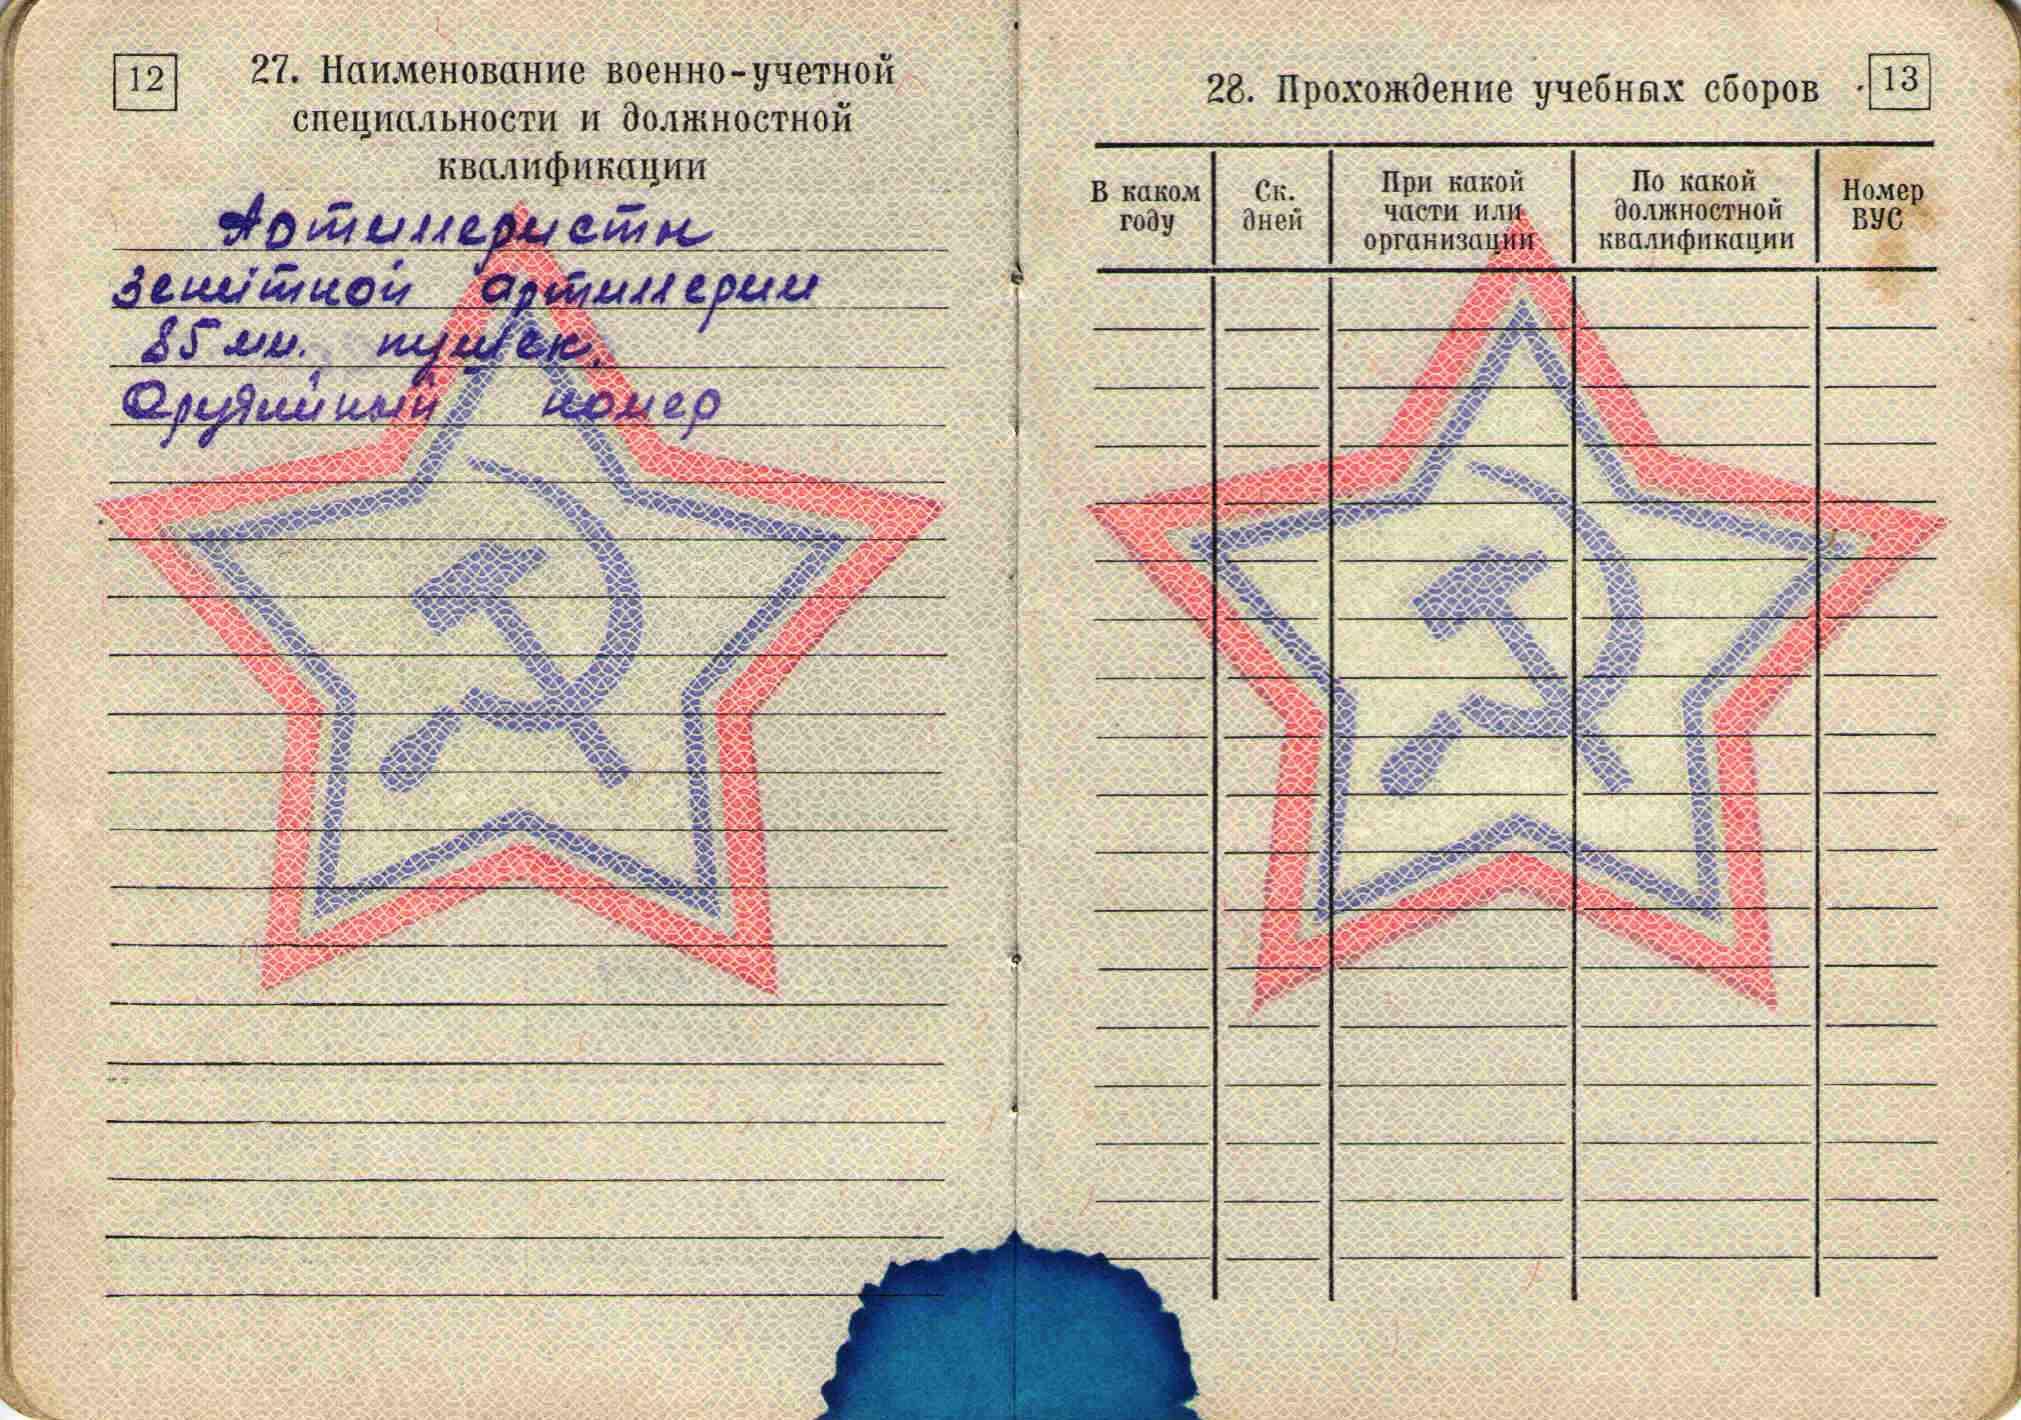 34. Военный билет, 1964